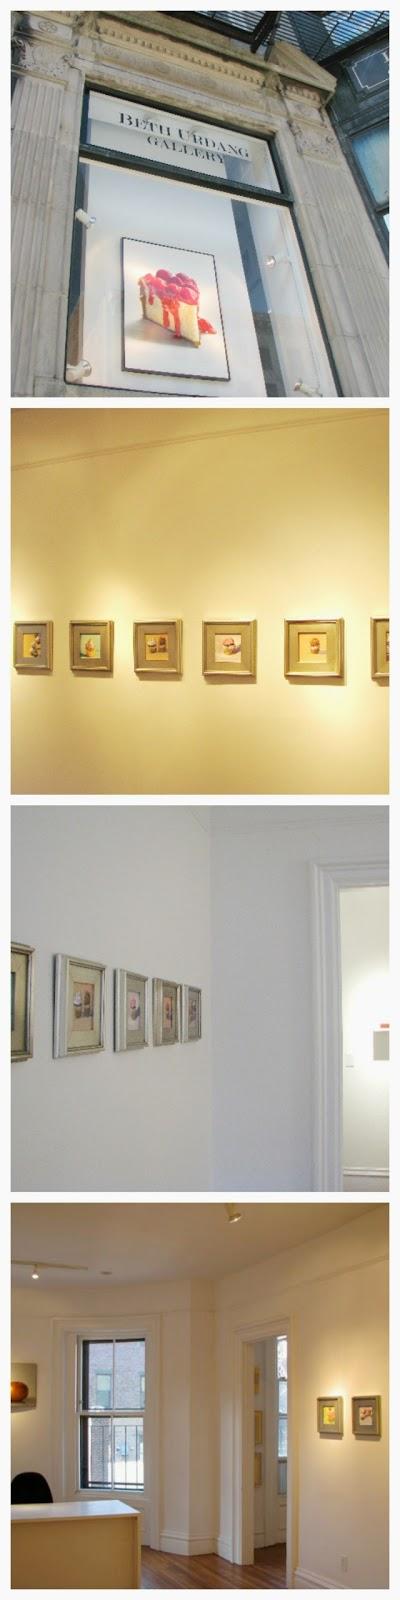 cupcake paintings at Beth Urdang Gallery